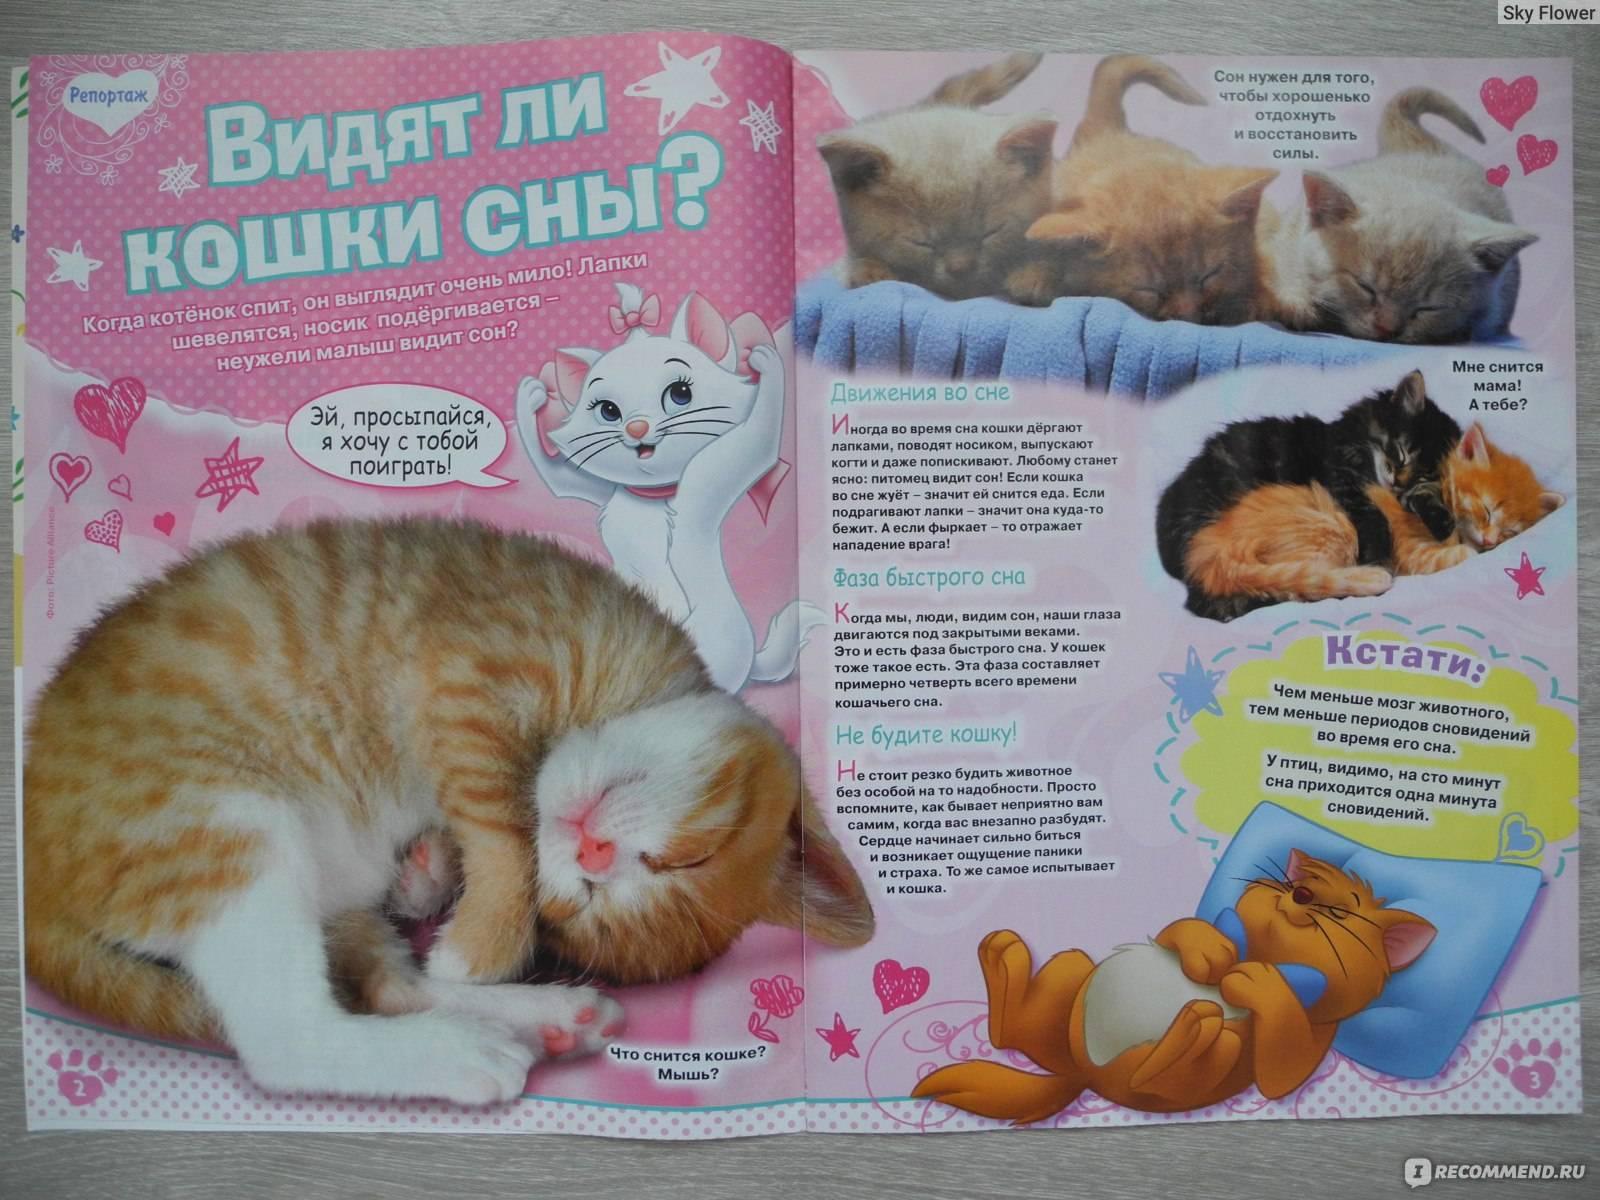 Подобрать кота